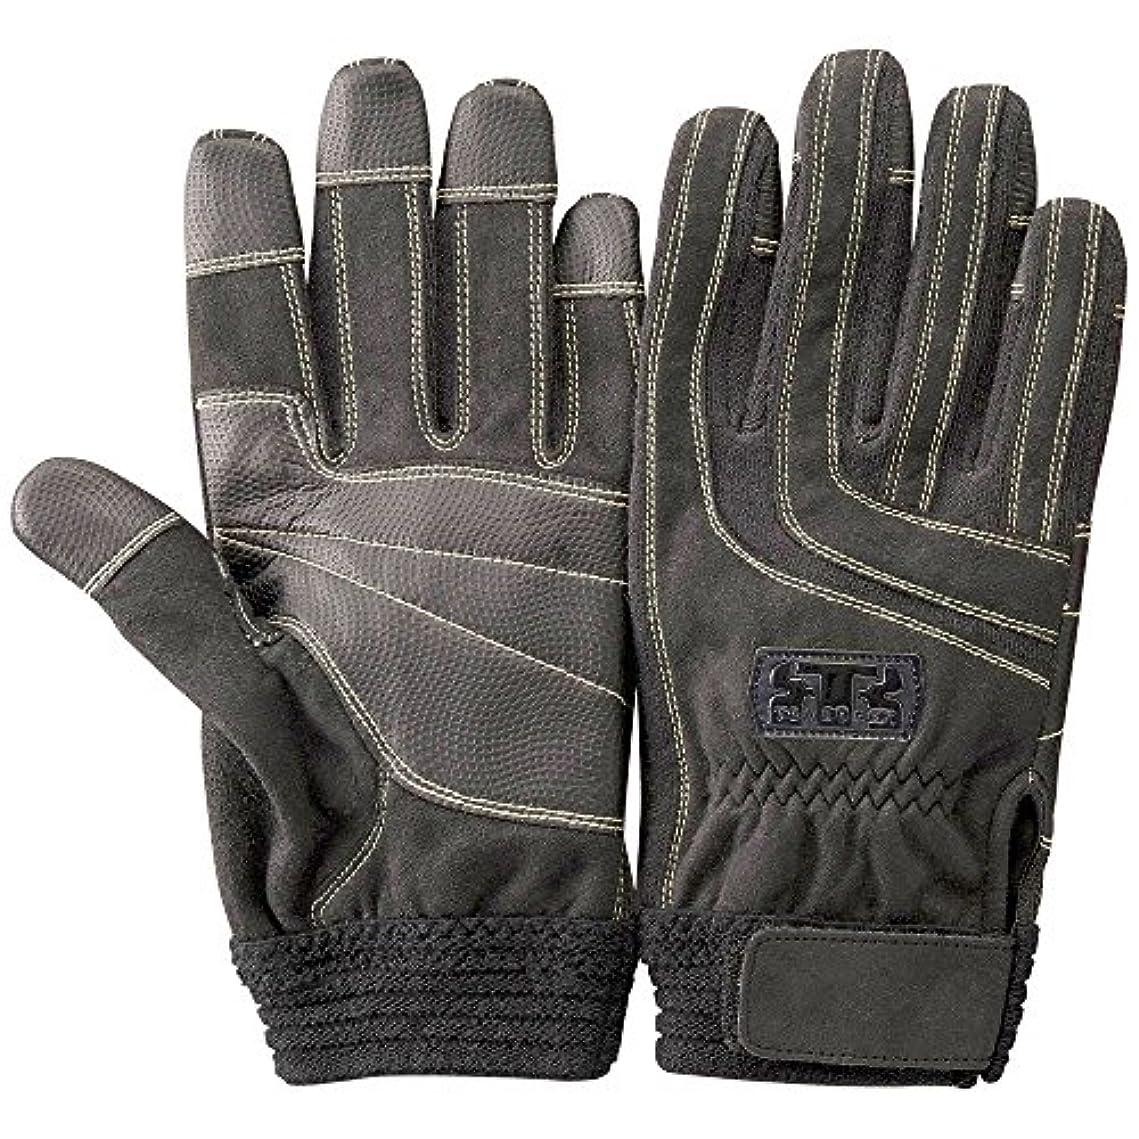 賢い涙が出る復活させるTONBOREX(トンボレックス) レスキューグローブ ケプラー手袋 K-512R ブラック×ブラック Sサイズ